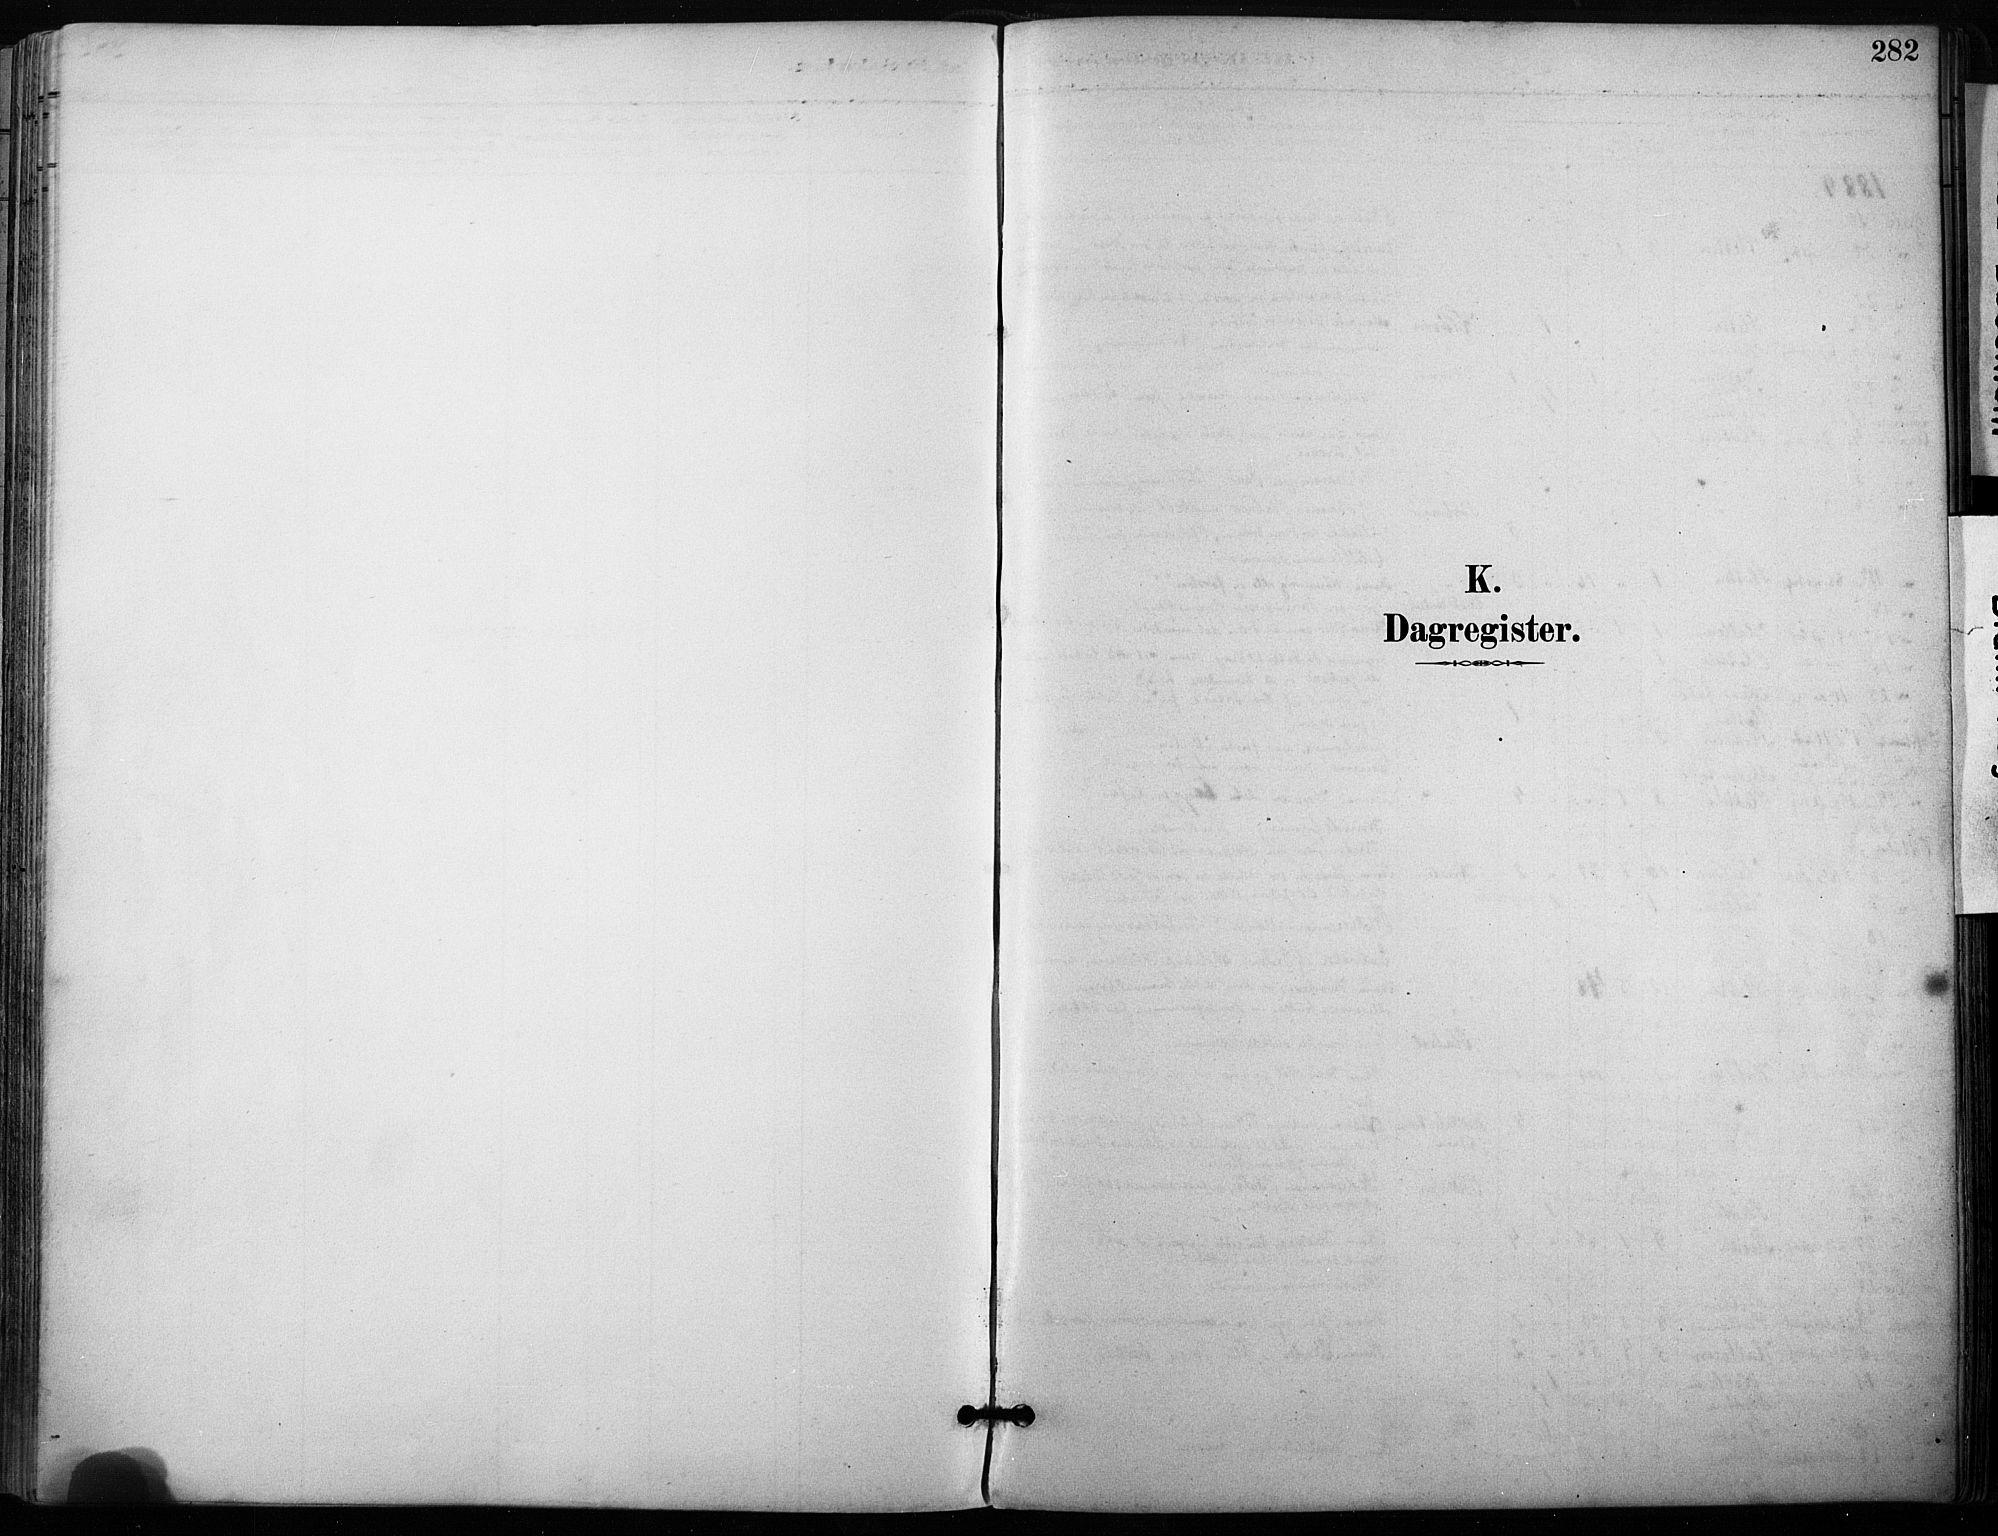 SAT, Ministerialprotokoller, klokkerbøker og fødselsregistre - Sør-Trøndelag, 640/L0579: Ministerialbok nr. 640A04, 1889-1902, s. 282